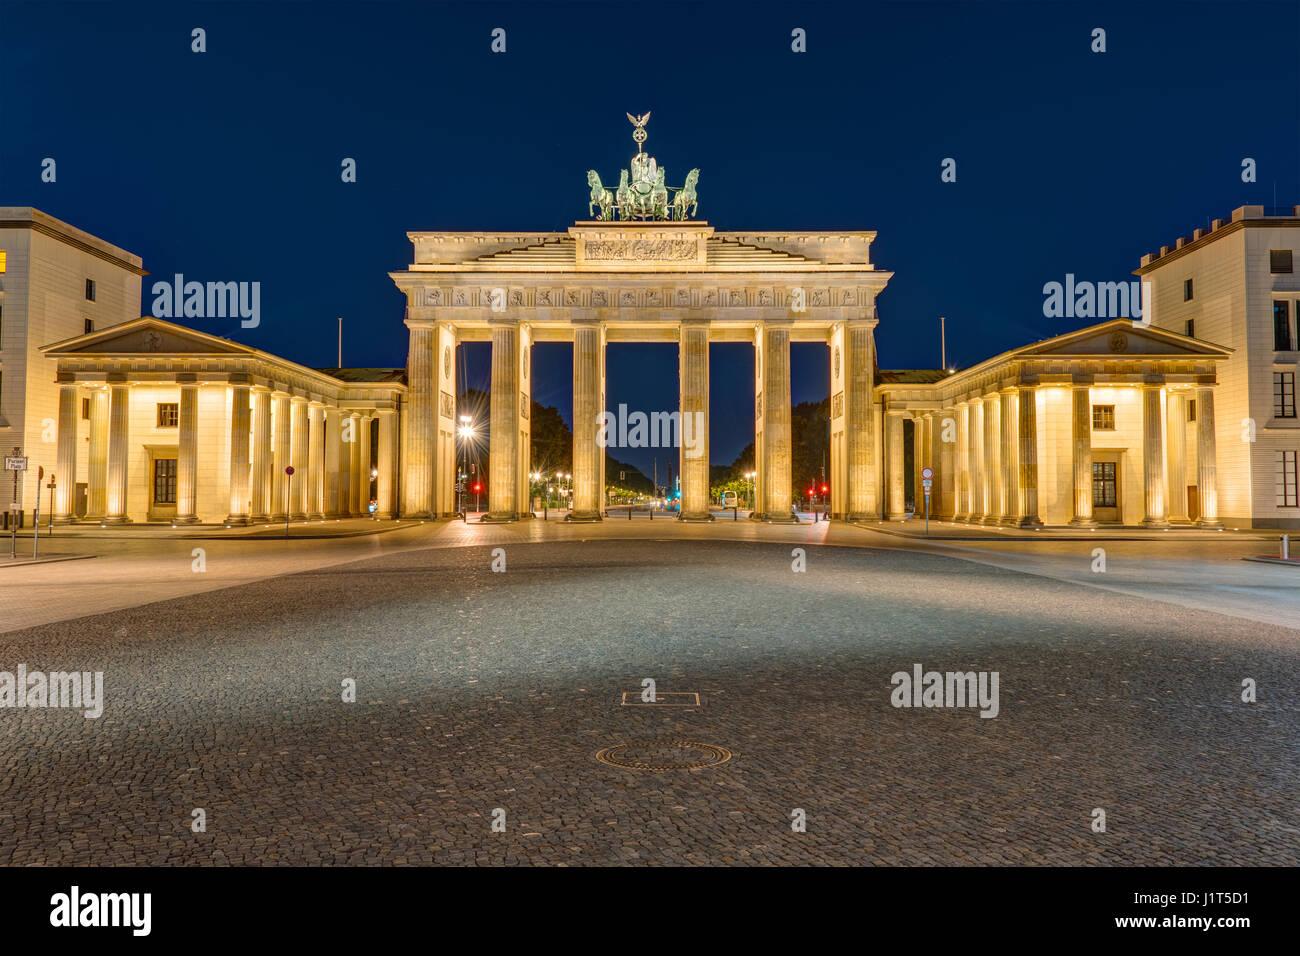 La famosa Puerta de Brandenburgo en Berlín iluminado en la oscuridad Imagen De Stock